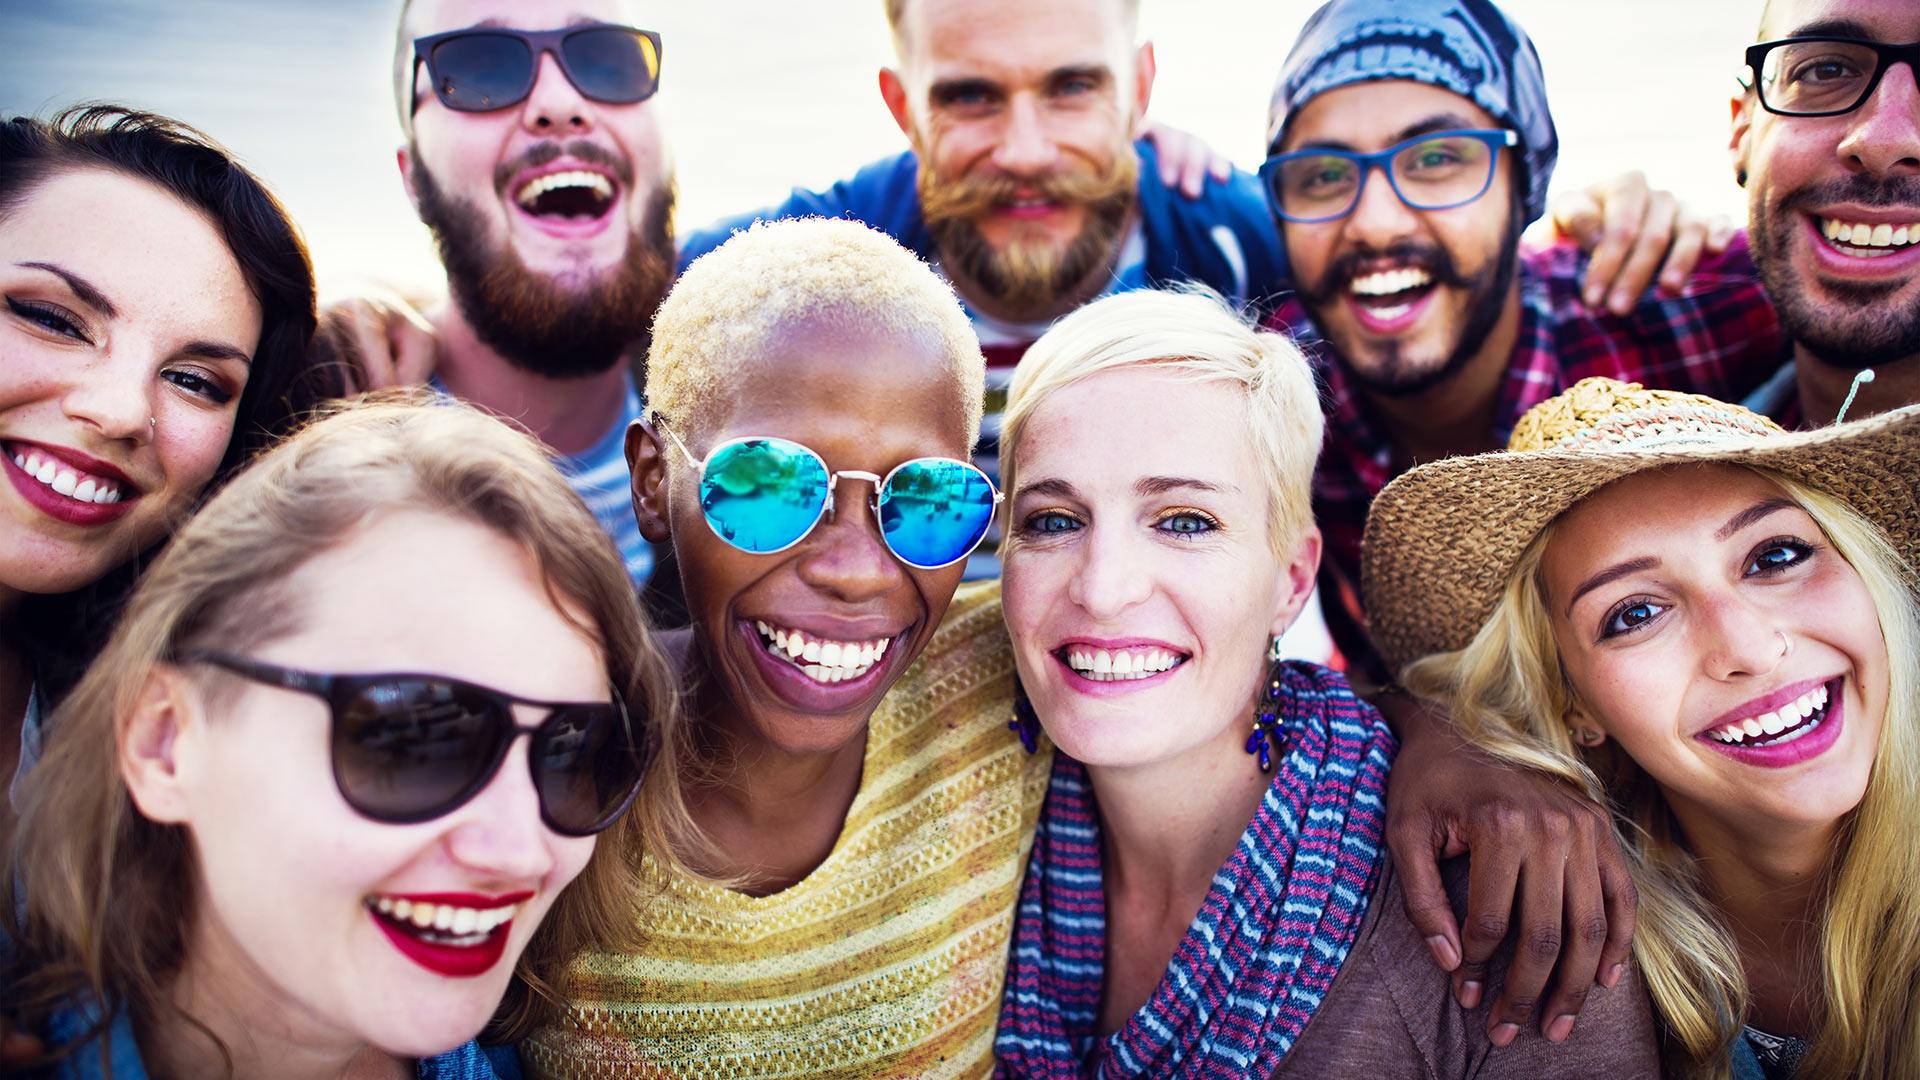 Titelbild: Freunde gewinnen_5 Tipps für bessere Beziehungen - Blog von Damian Richter